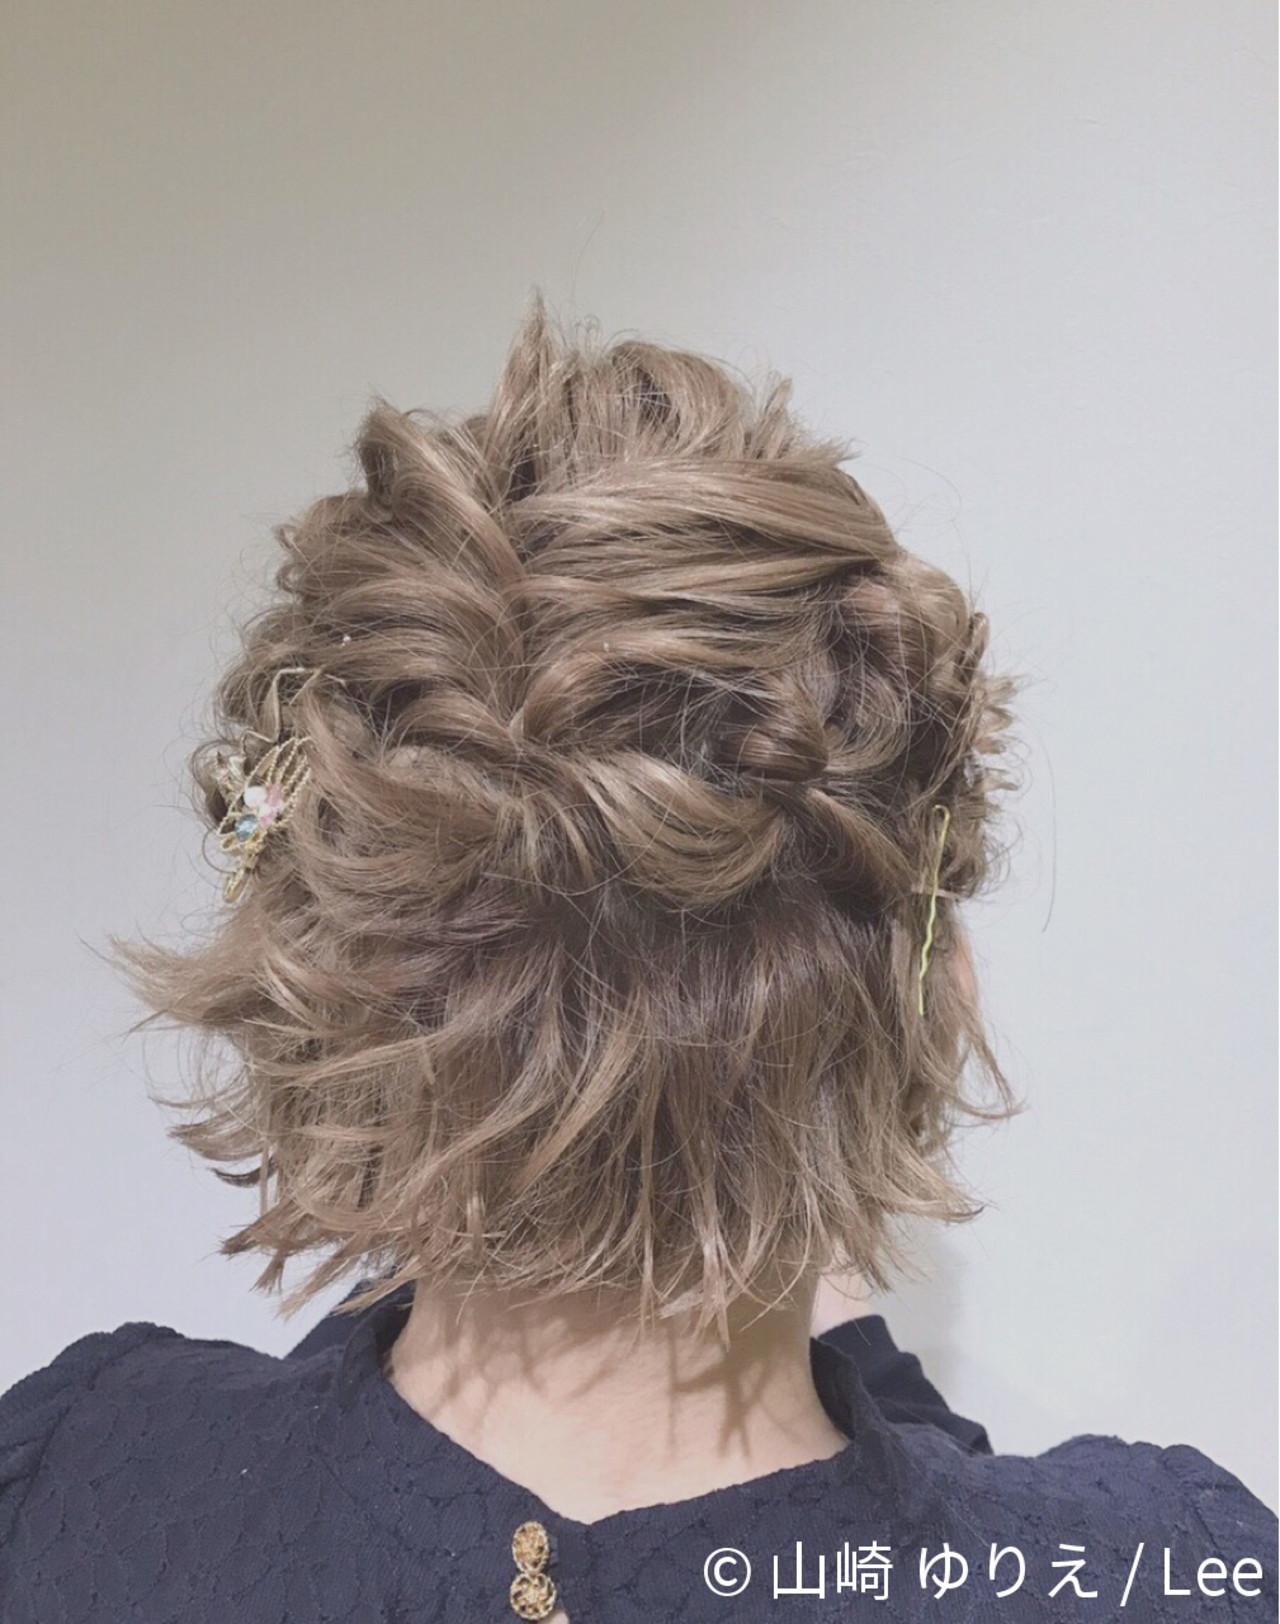 ミルクティー ヘアアレンジ ニュアンス 編み込み ヘアスタイルや髪型の写真・画像